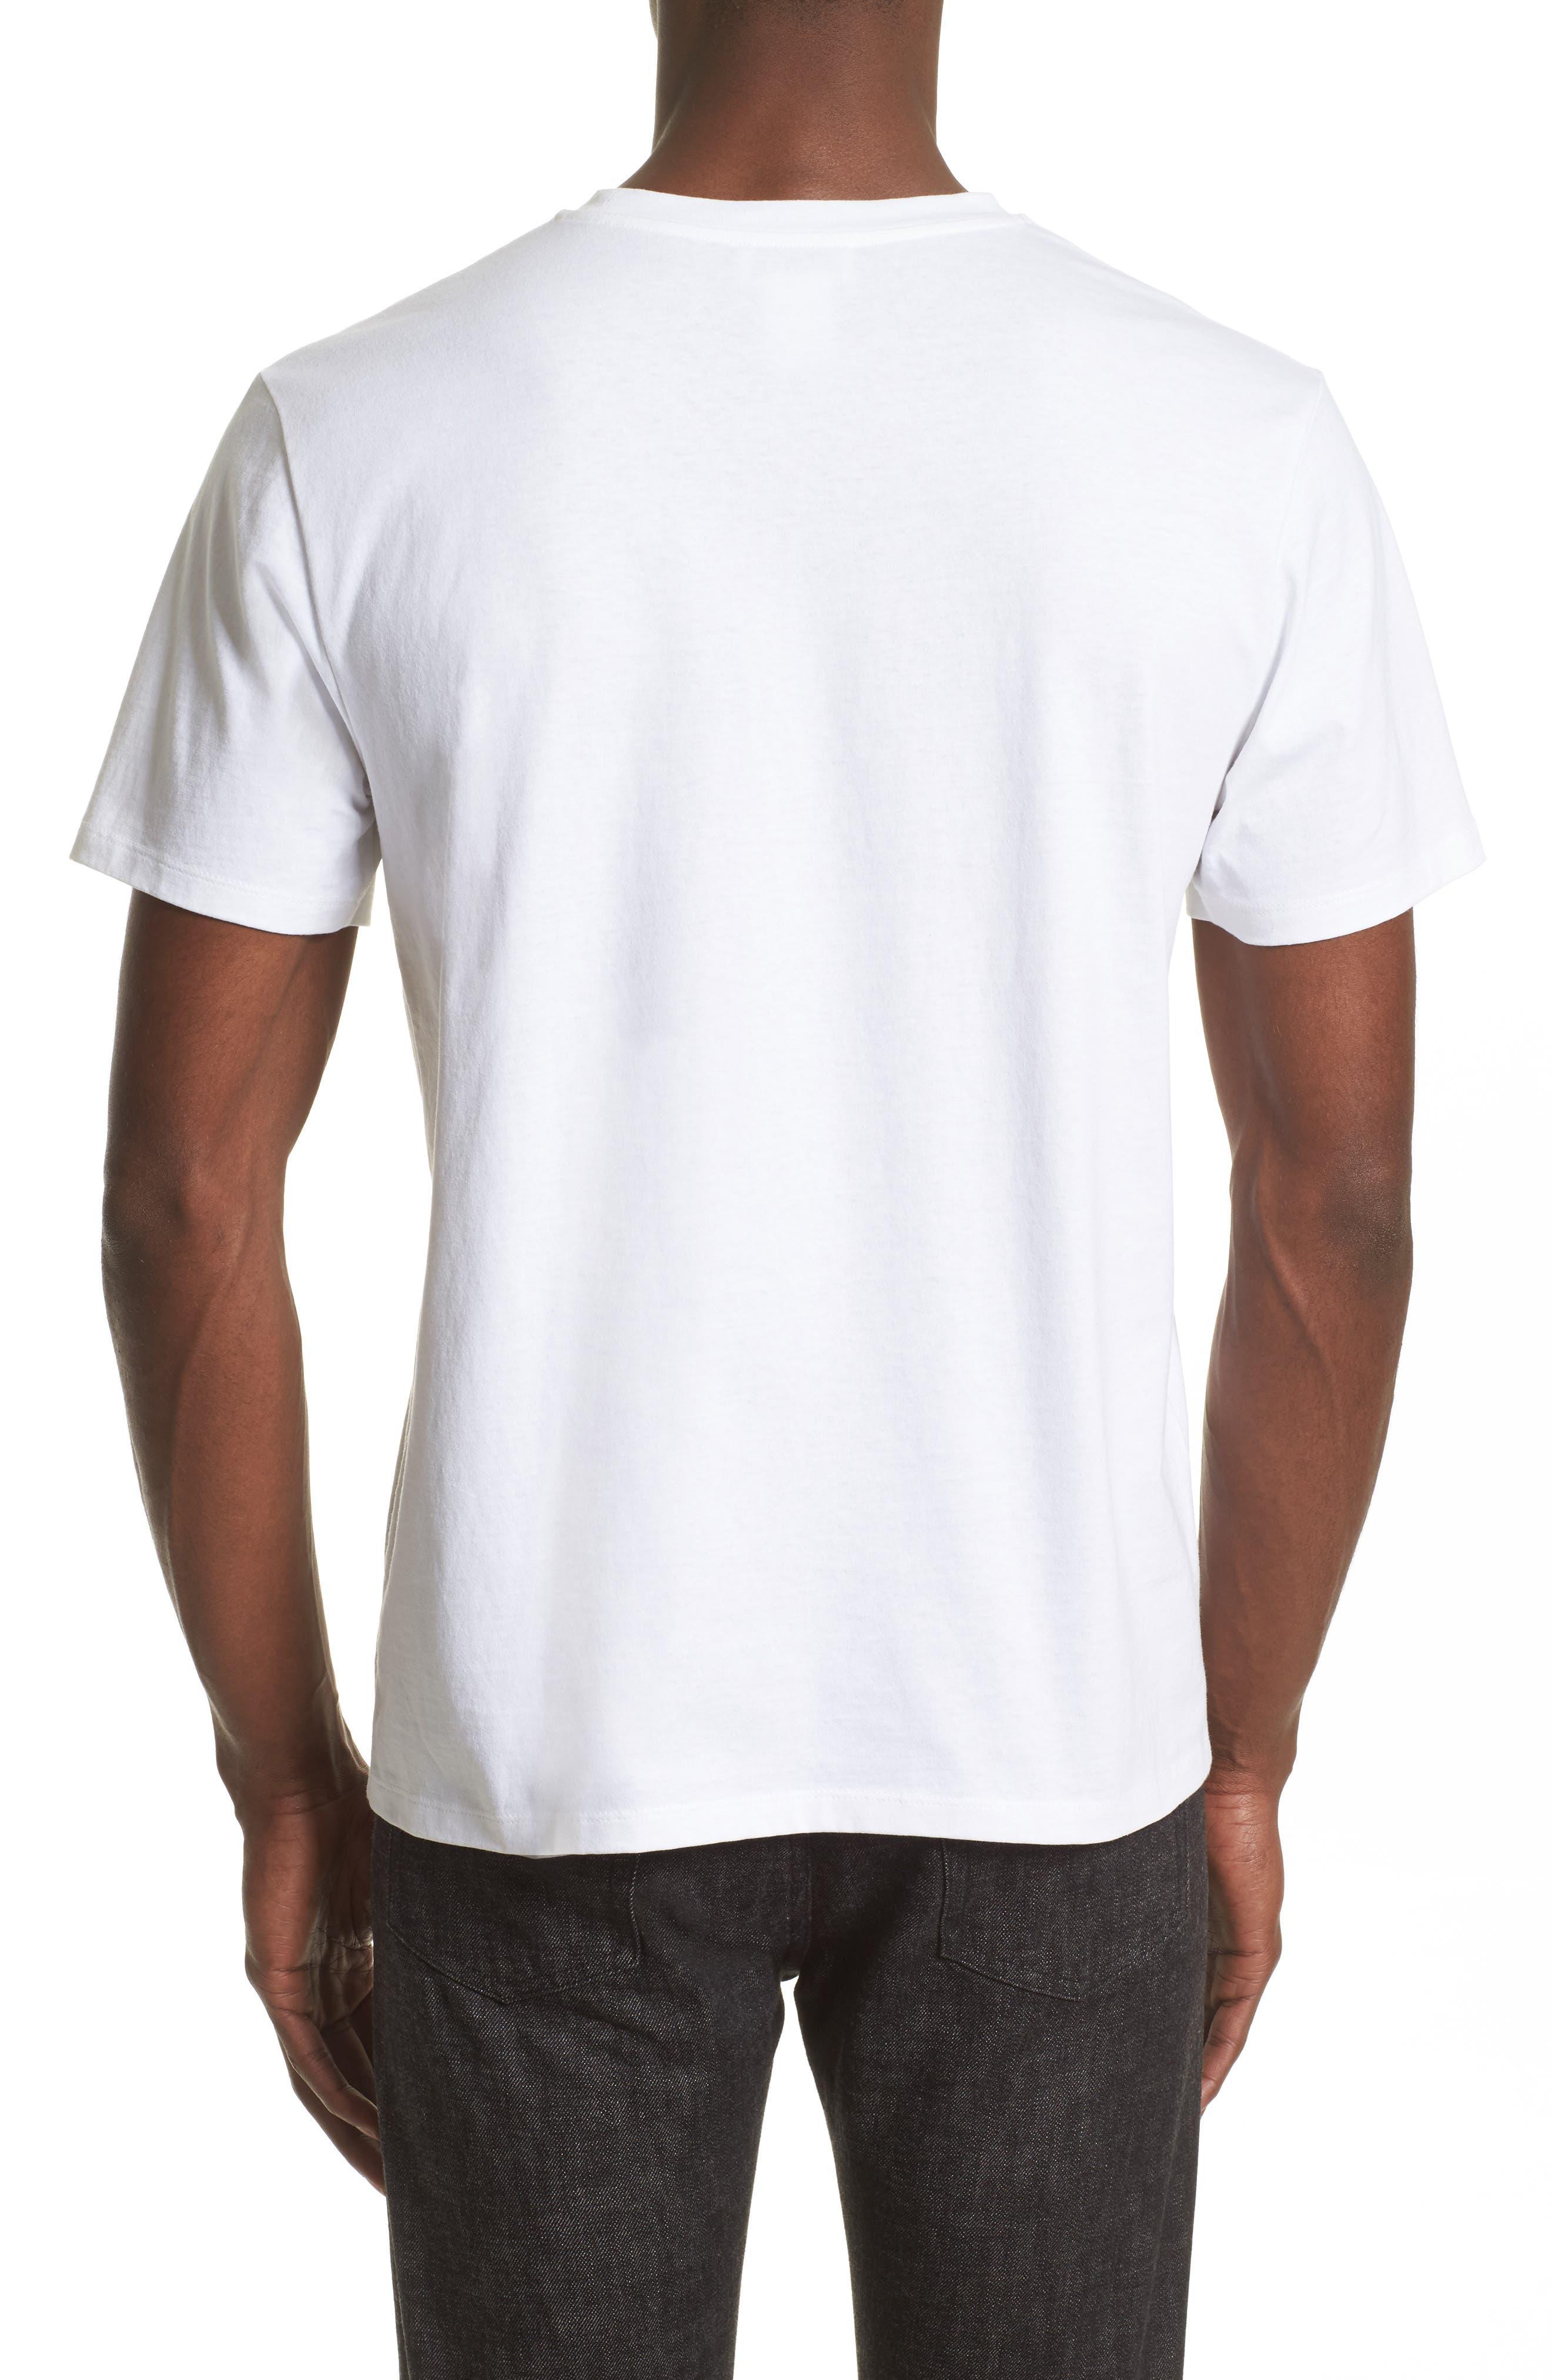 Hiver 87 T-Shirt,                             Alternate thumbnail 2, color,                             100